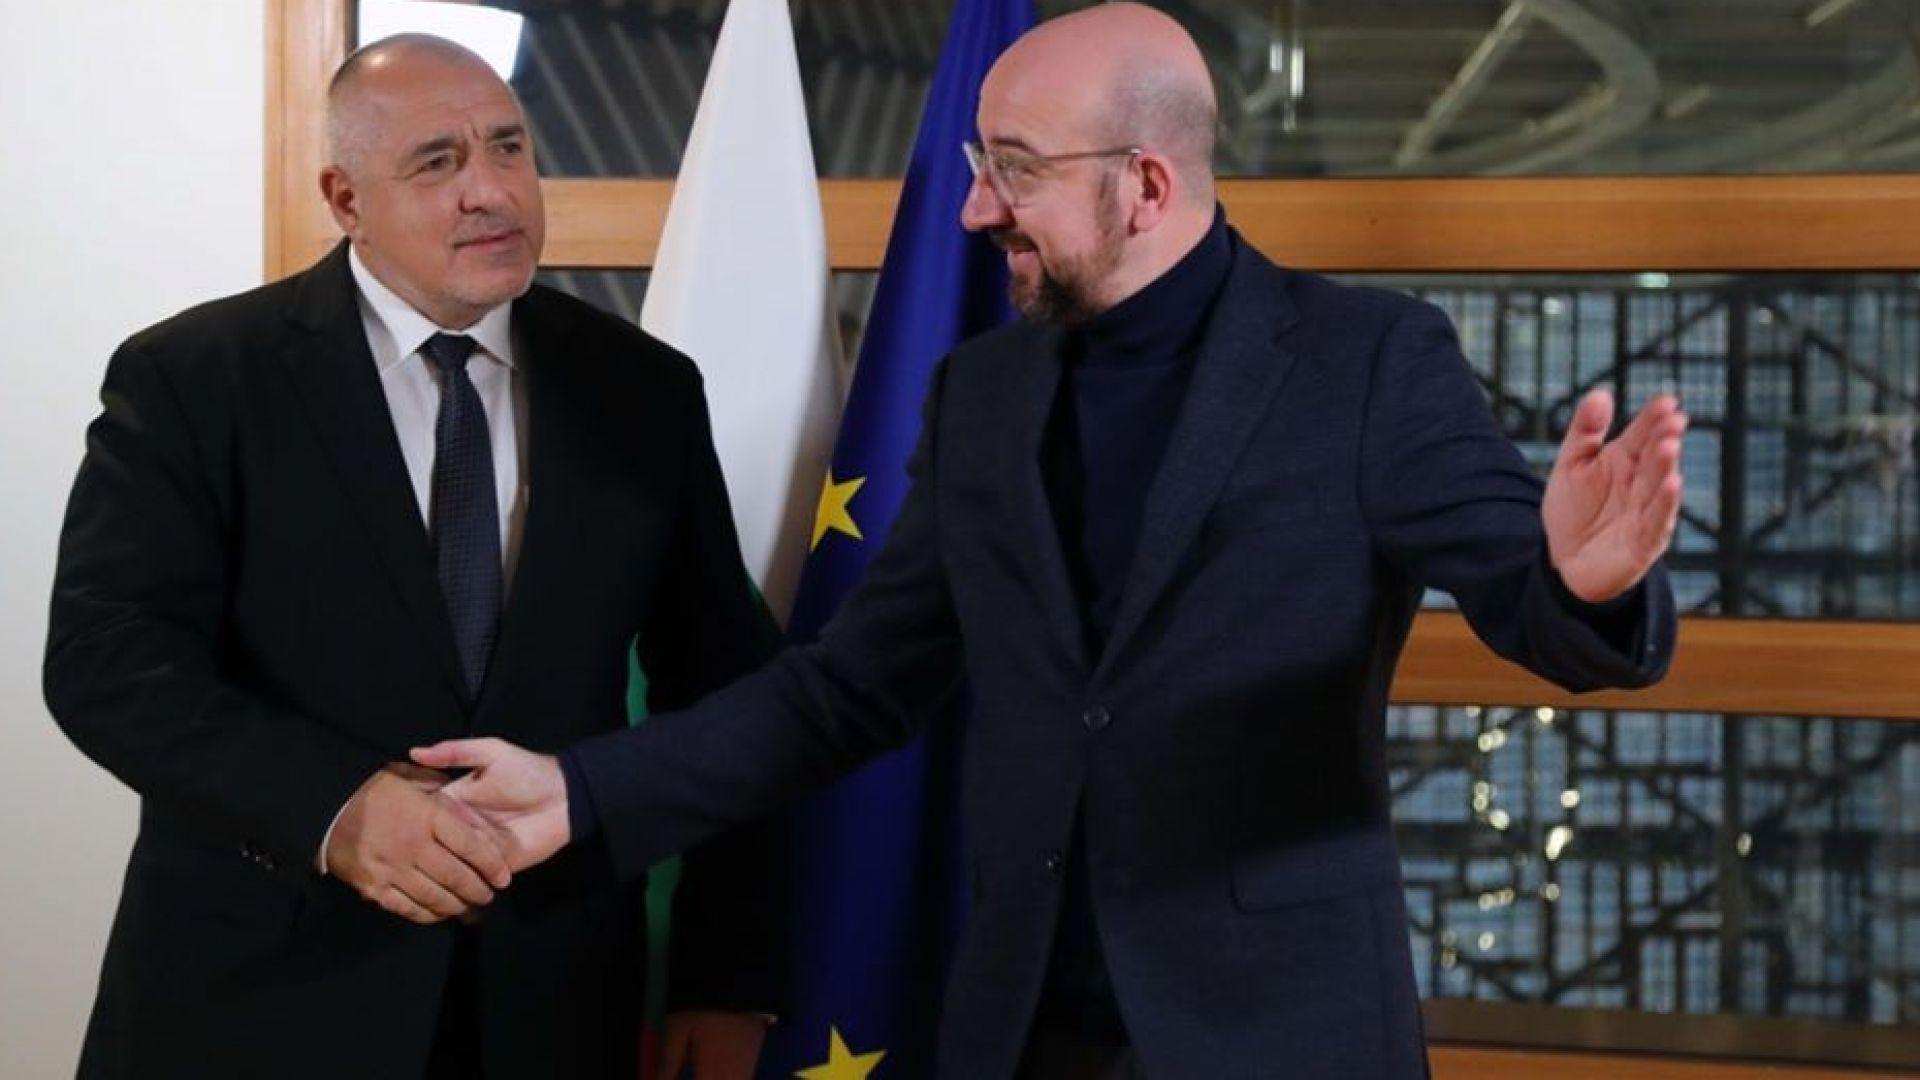 Борисов: Не виждам държава с евро да е по-зле от България, но зелената сделка е проблем (видео)